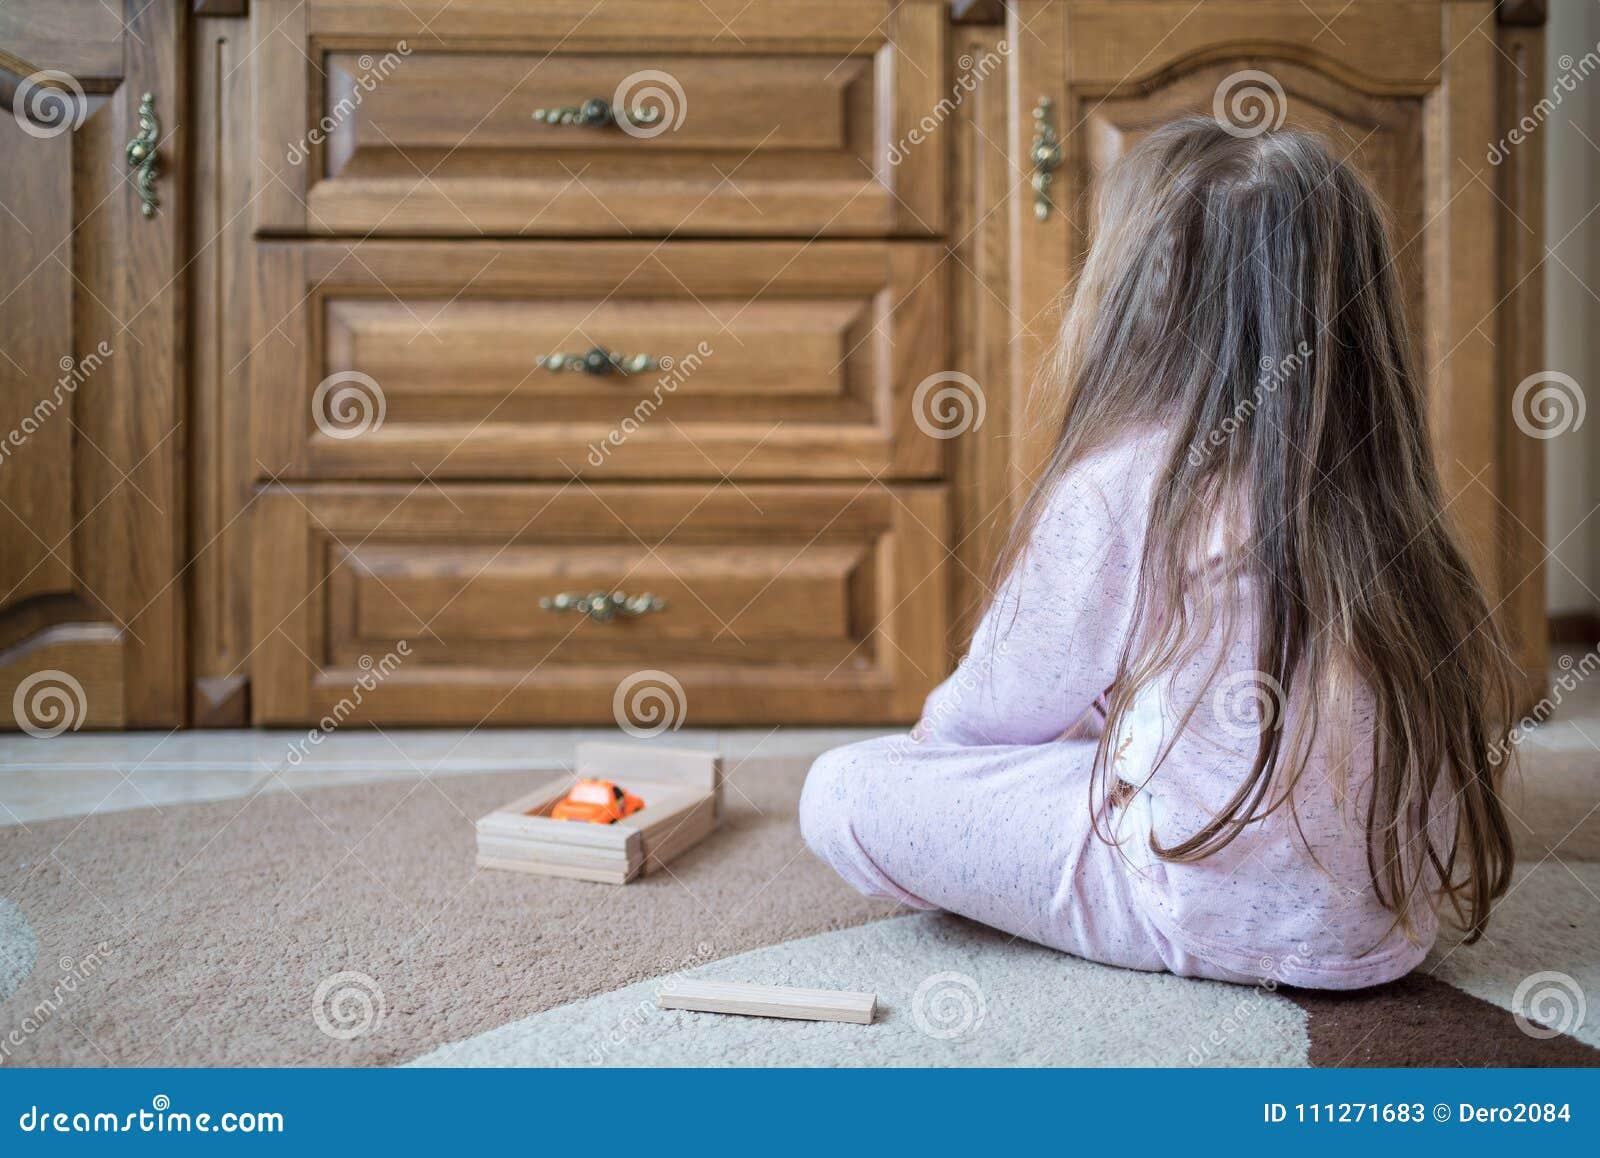 Het vier éénjarigenmeisje in pyjama zit op tapijt, maakt garage voor stuk speelgoed auto gebruikend houten aannemer, zelfontplooi